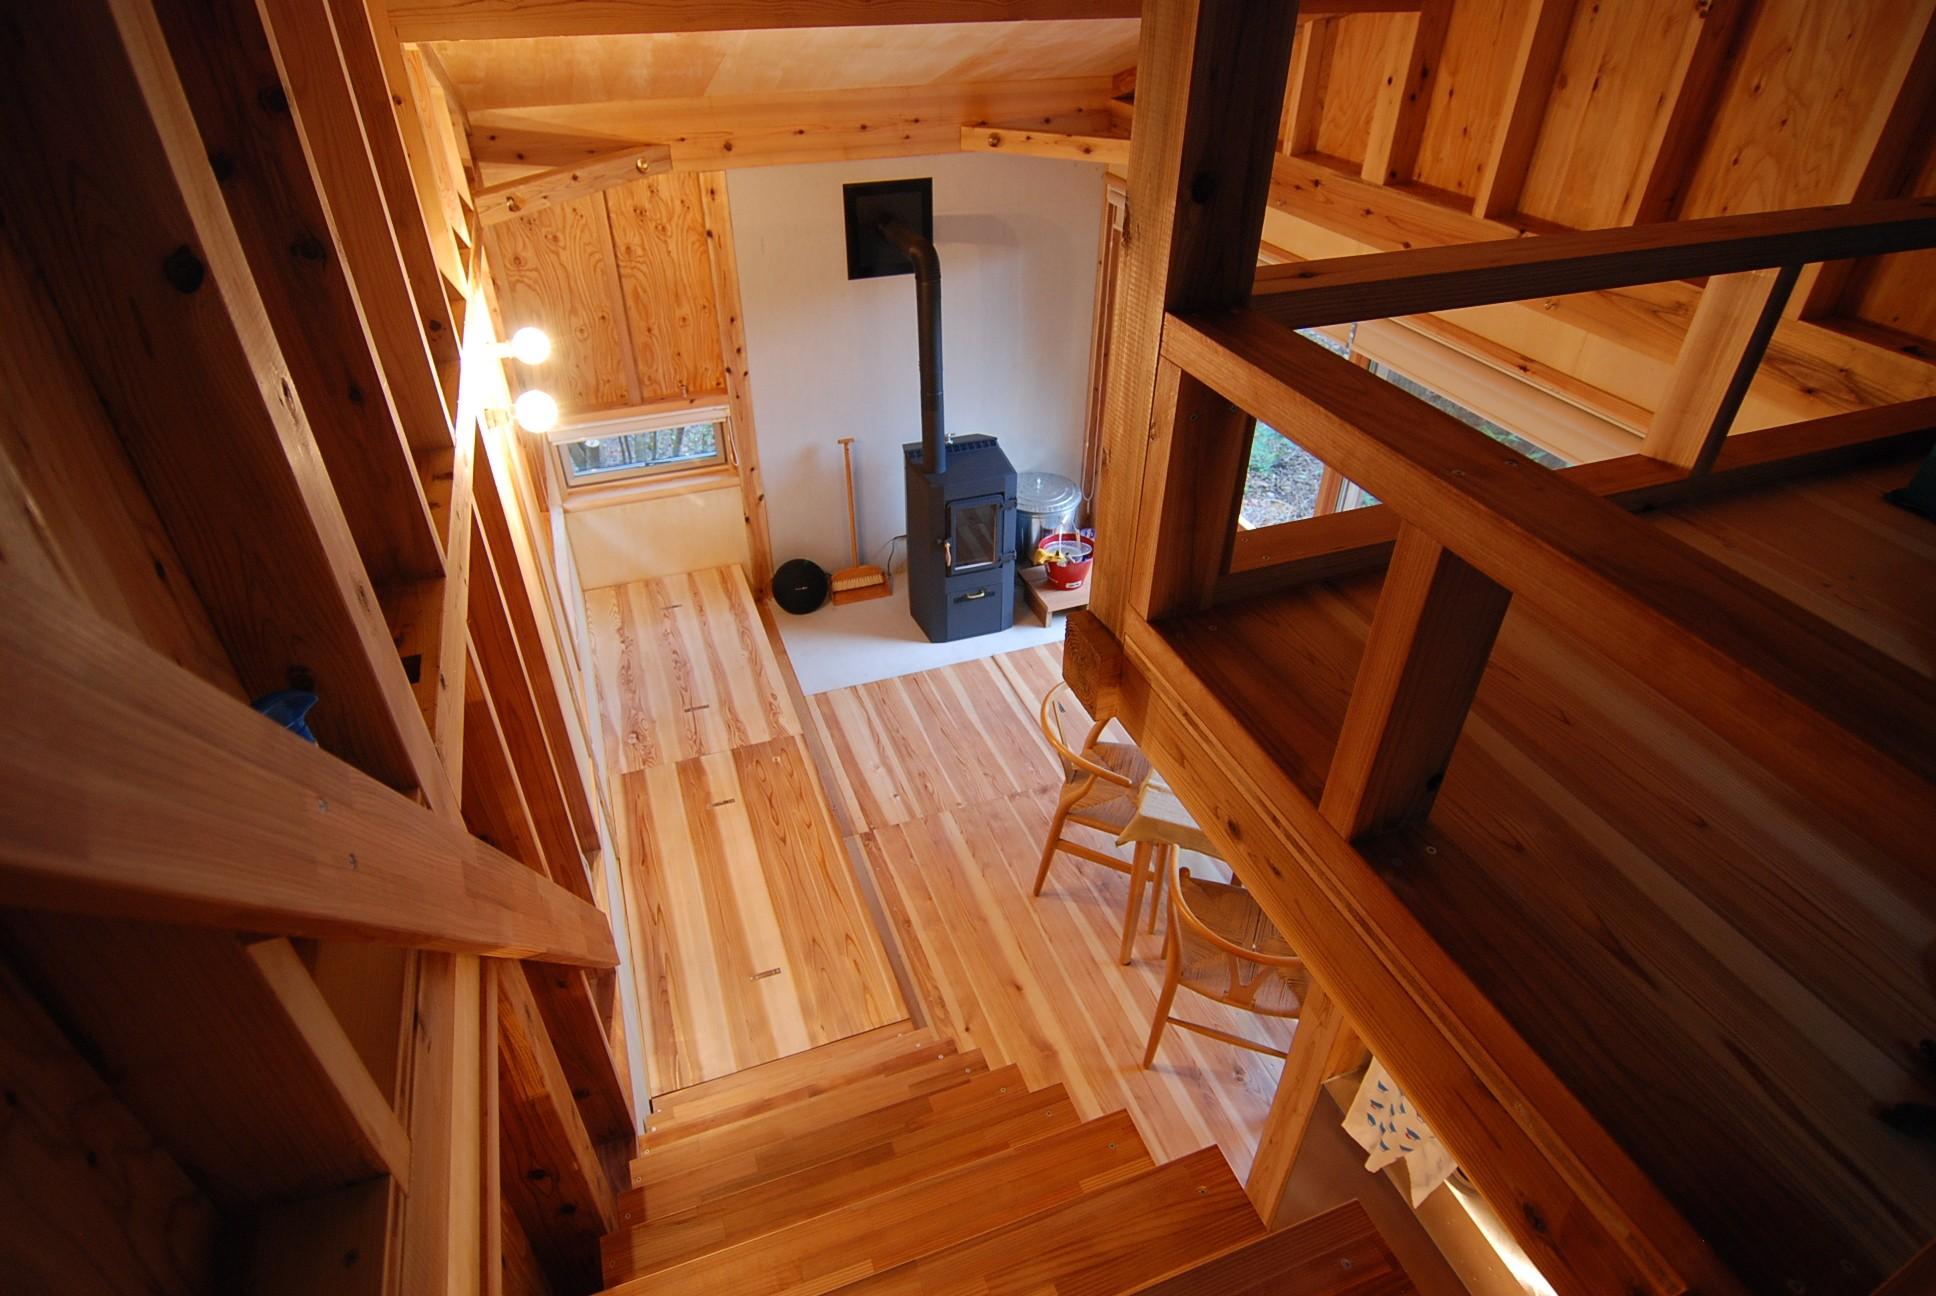 リビングダイニング事例:木構造現し(OUR CABIN OUR DIY~直営、DIYで小屋をつくる~)